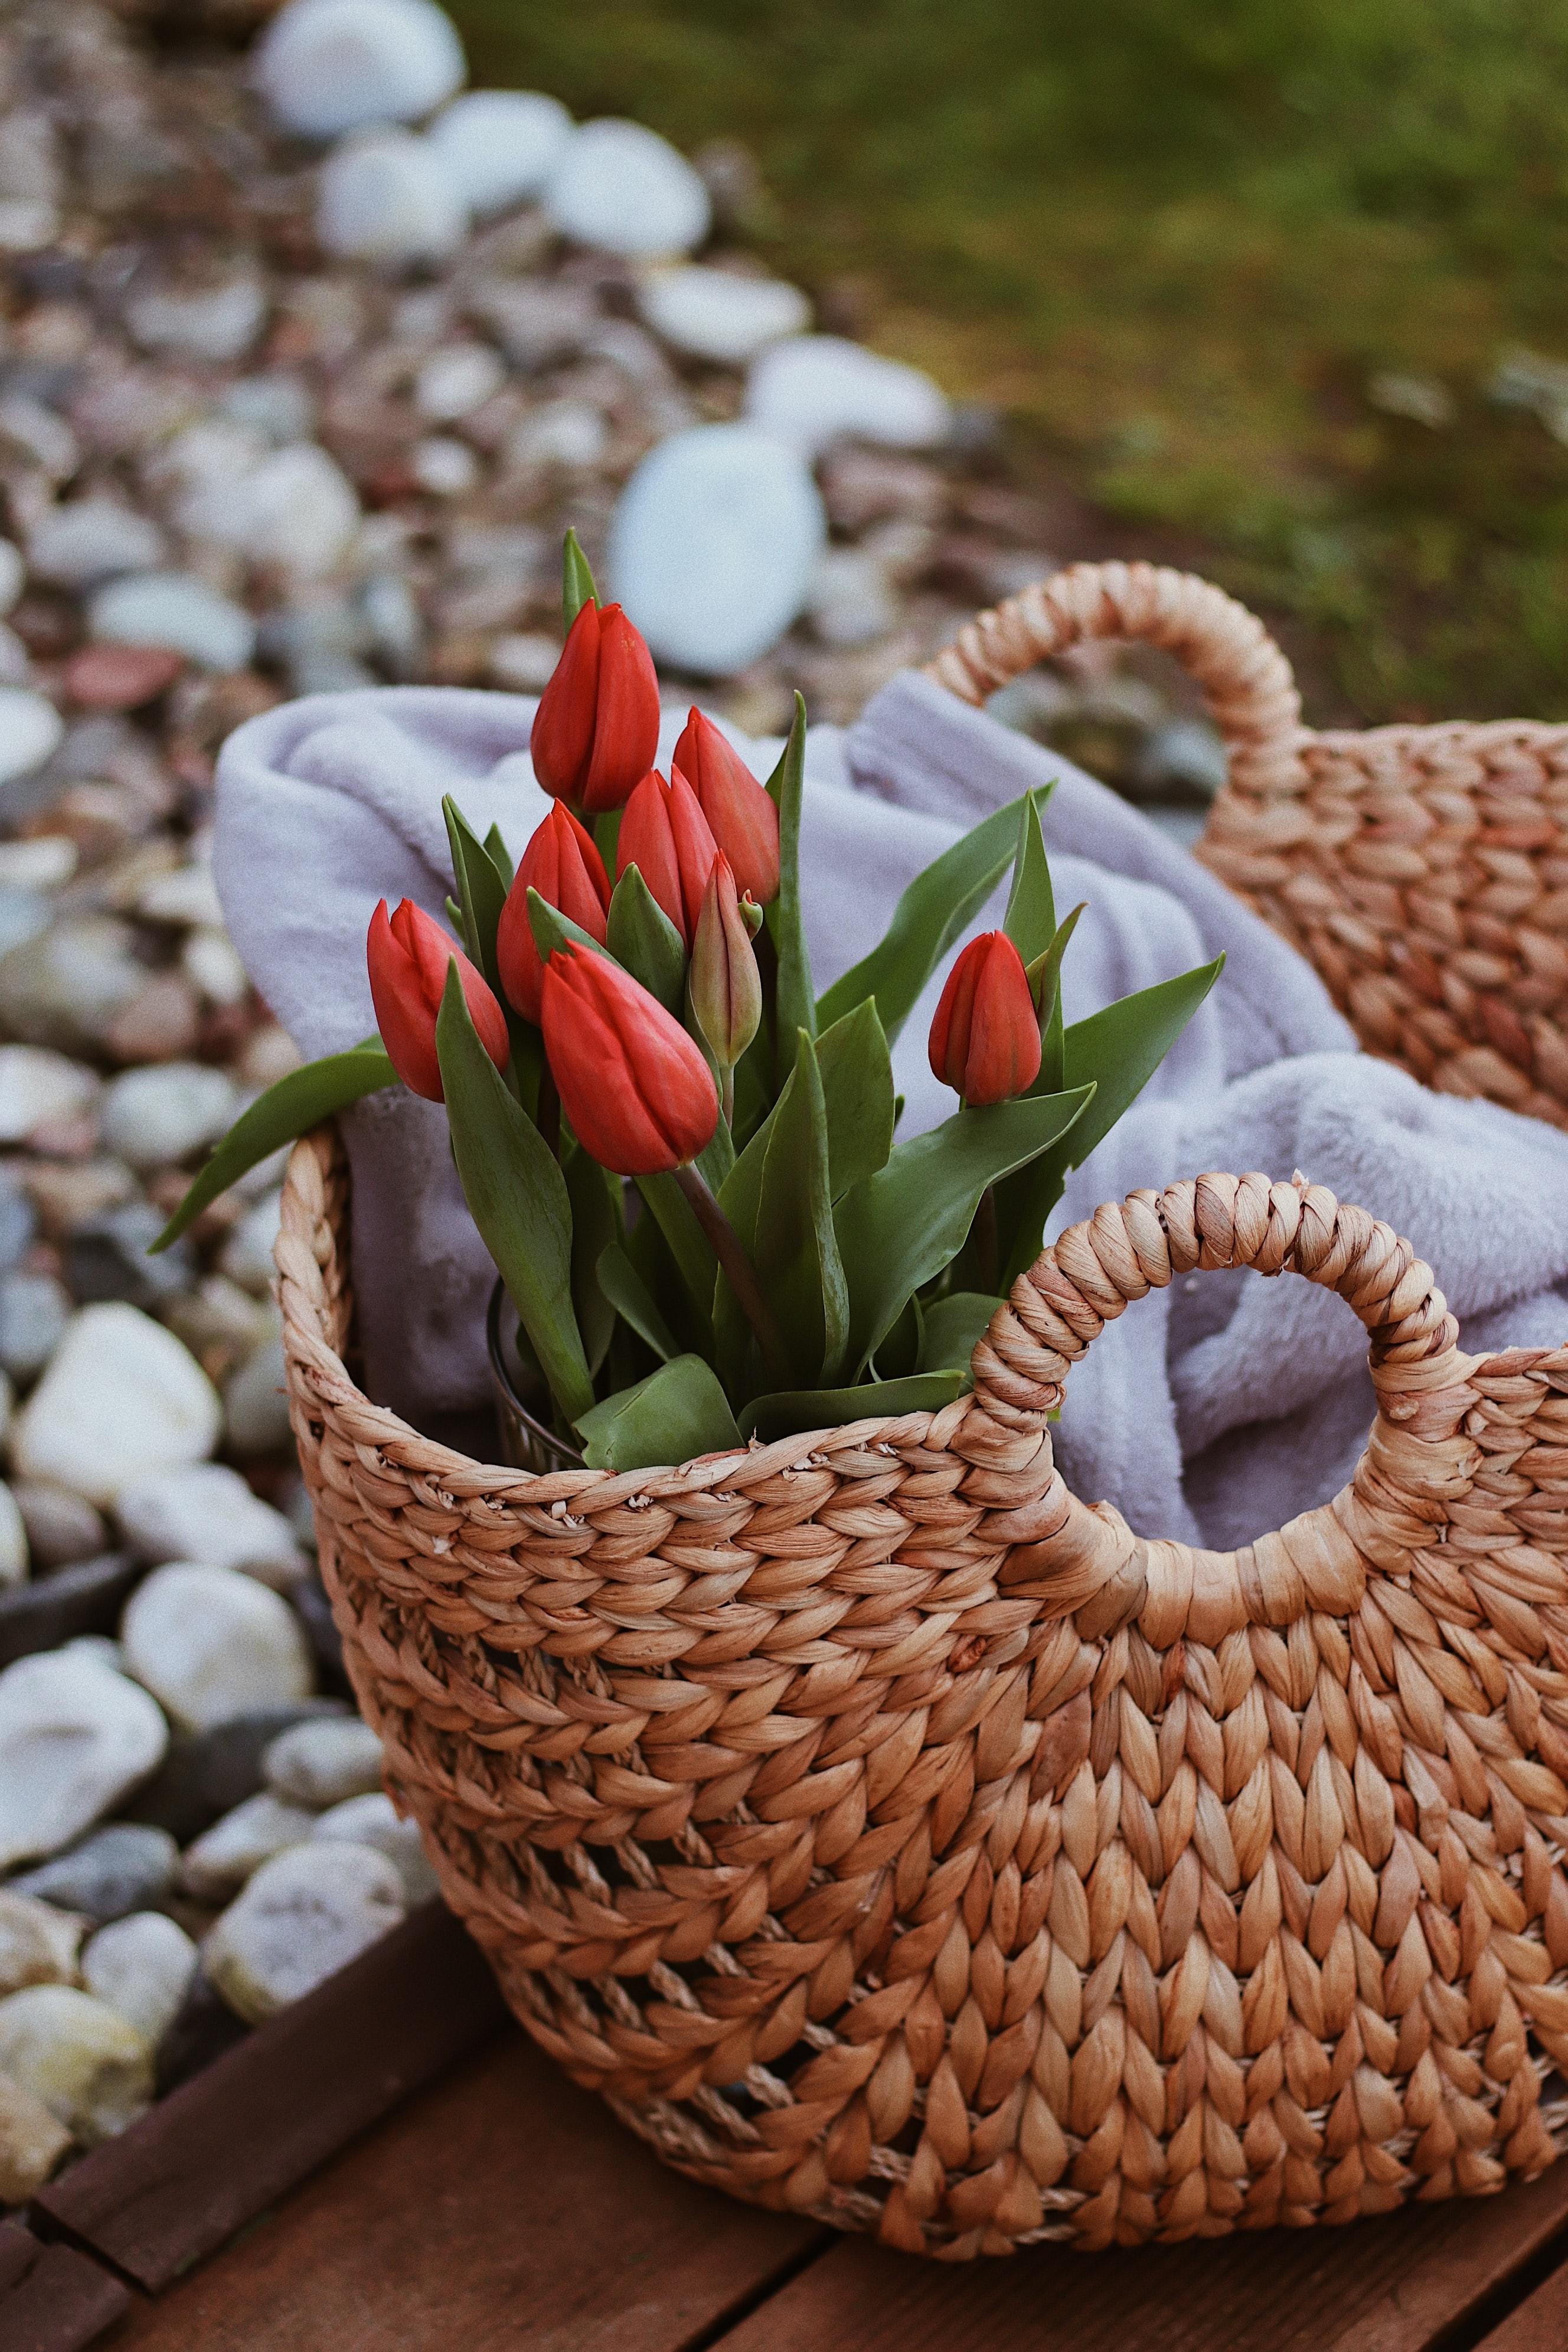 63902 скачать обои Букет, Цветы, Тюльпаны, Красный, Корзина - заставки и картинки бесплатно